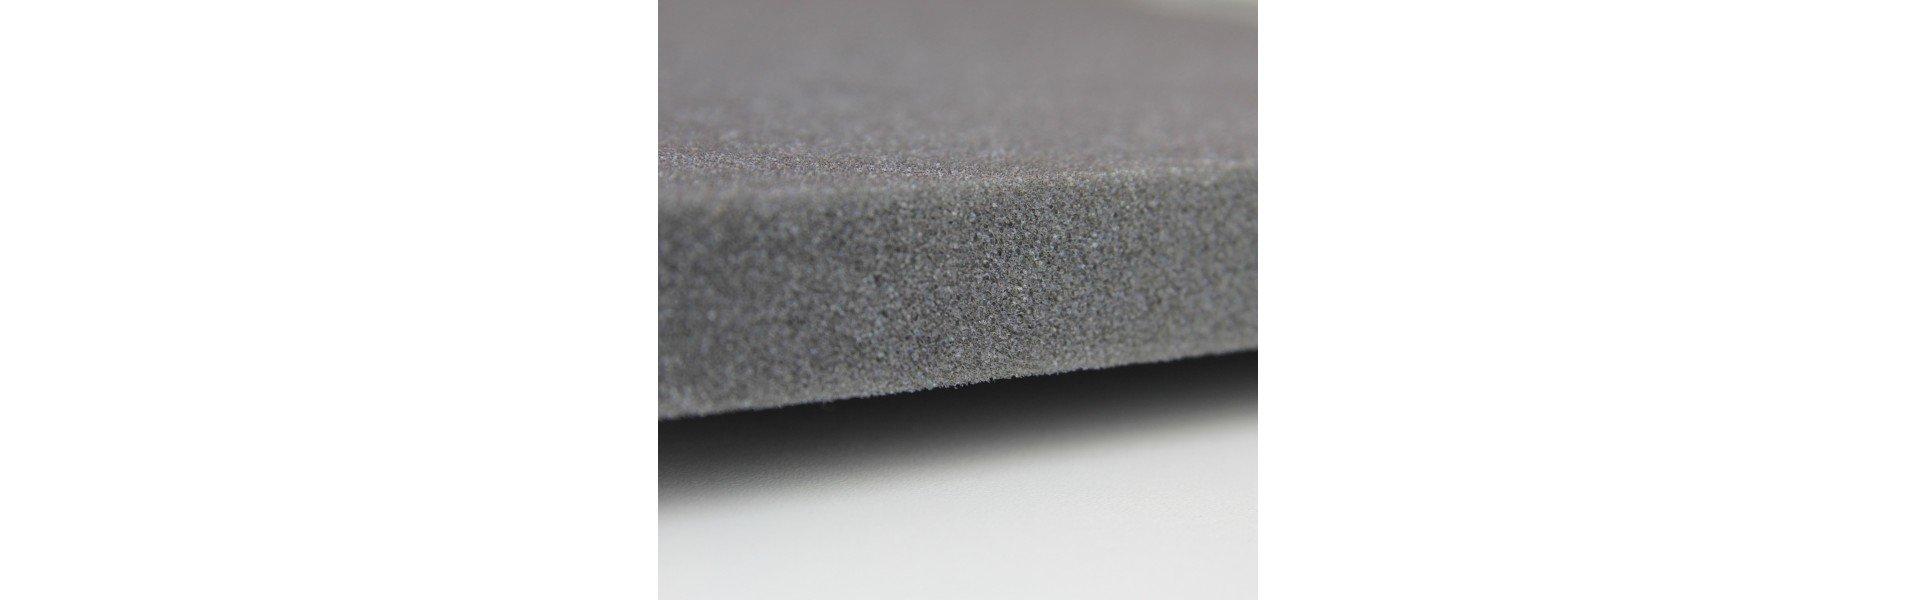 pu-foam-sheet